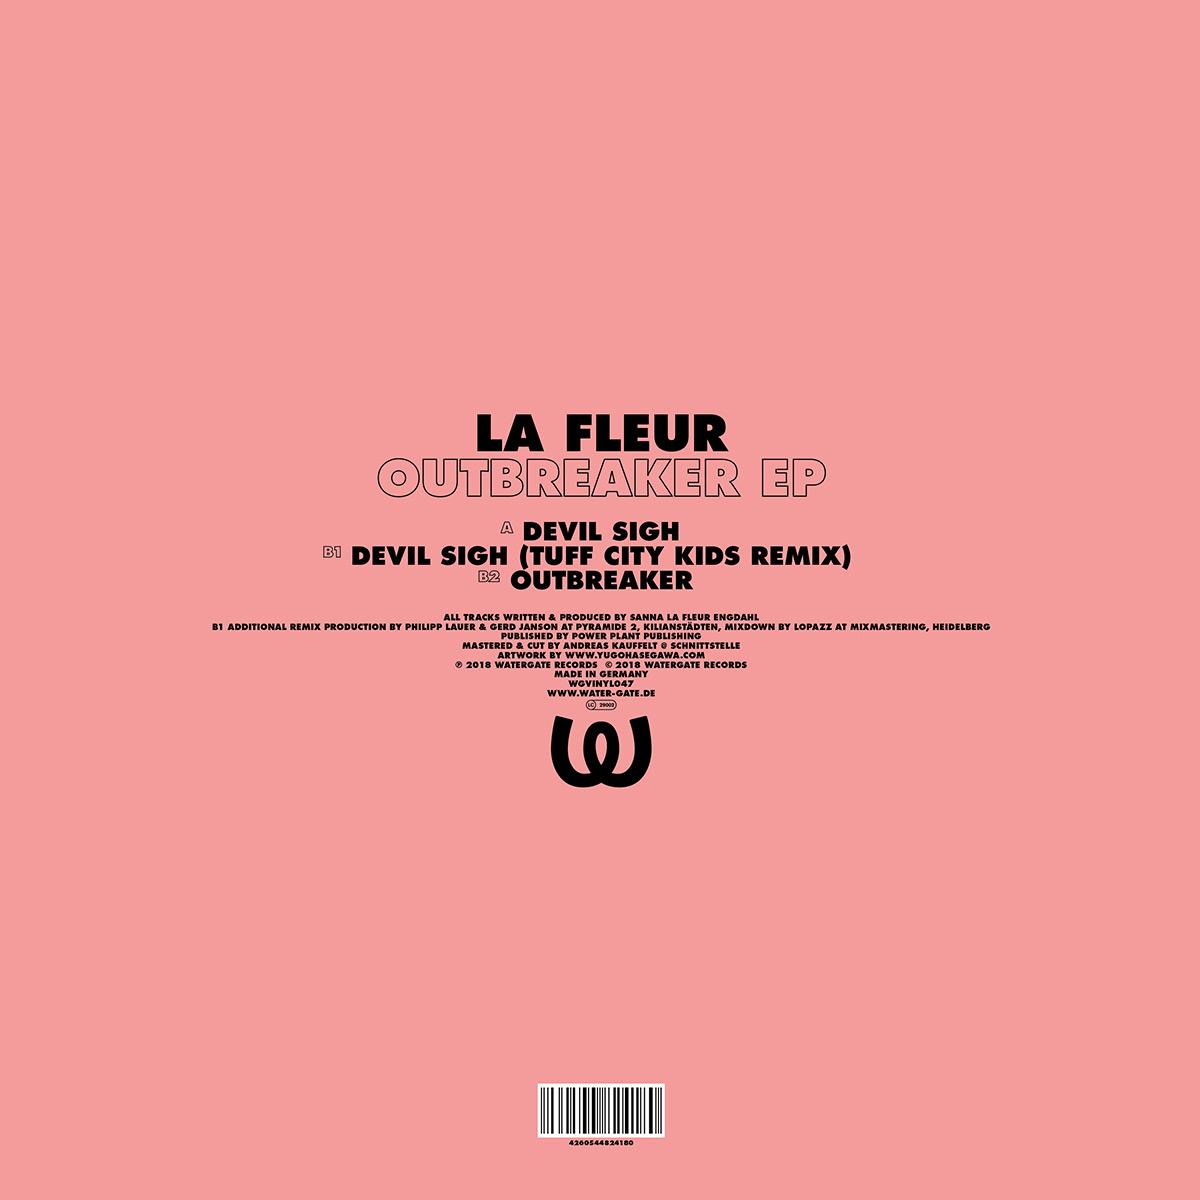 La Fleur Outbreaker EP